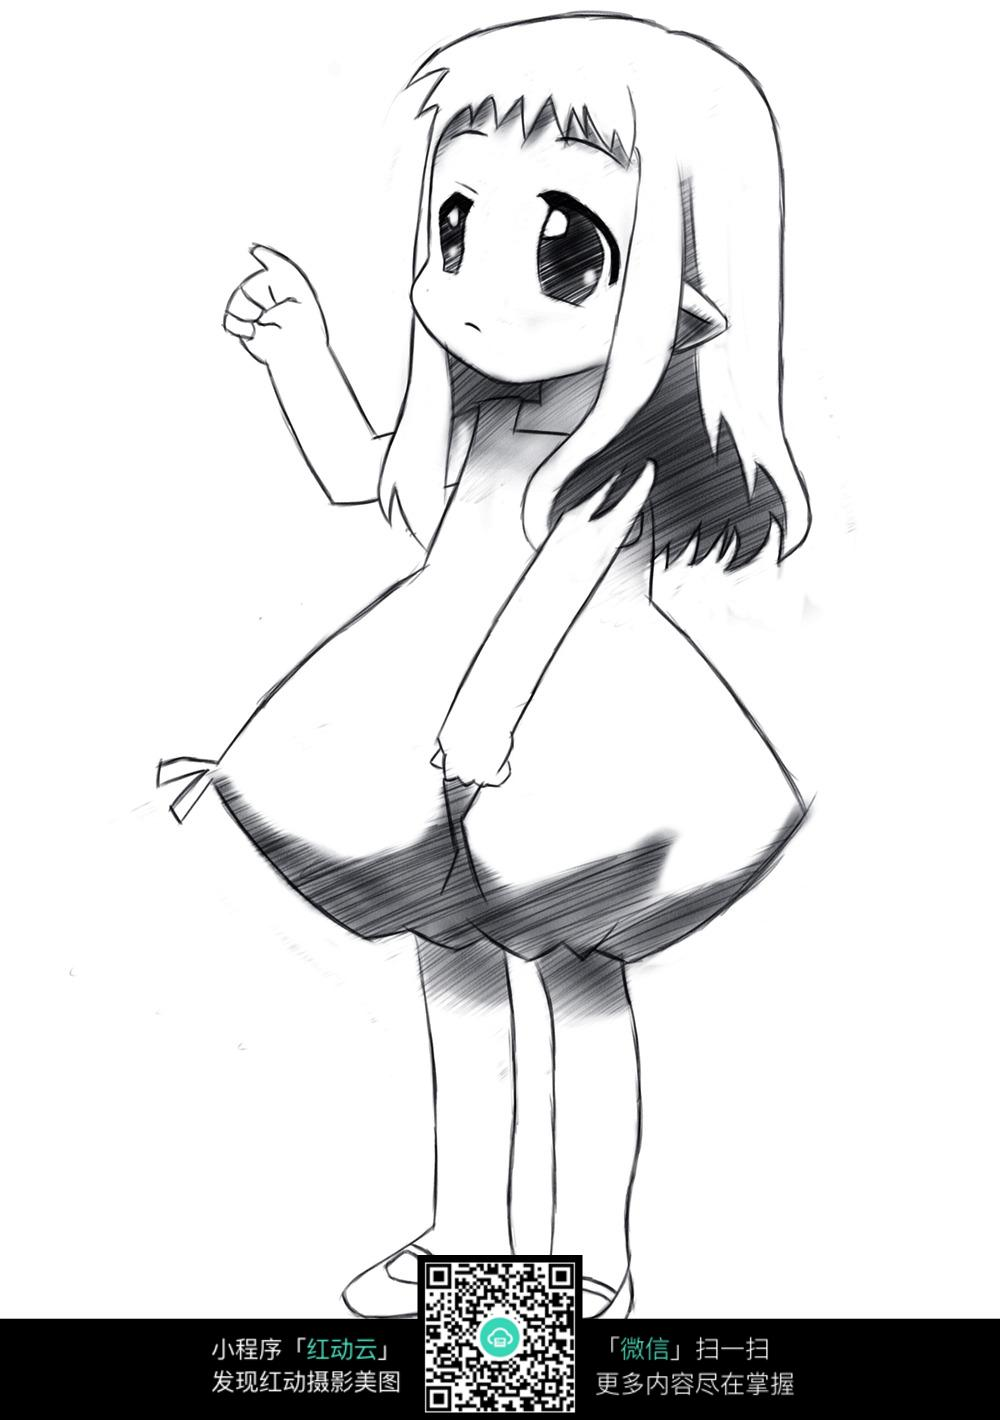 动漫 简笔画 卡通 漫画 手绘 头像 线稿 1000_1420 竖版 竖屏